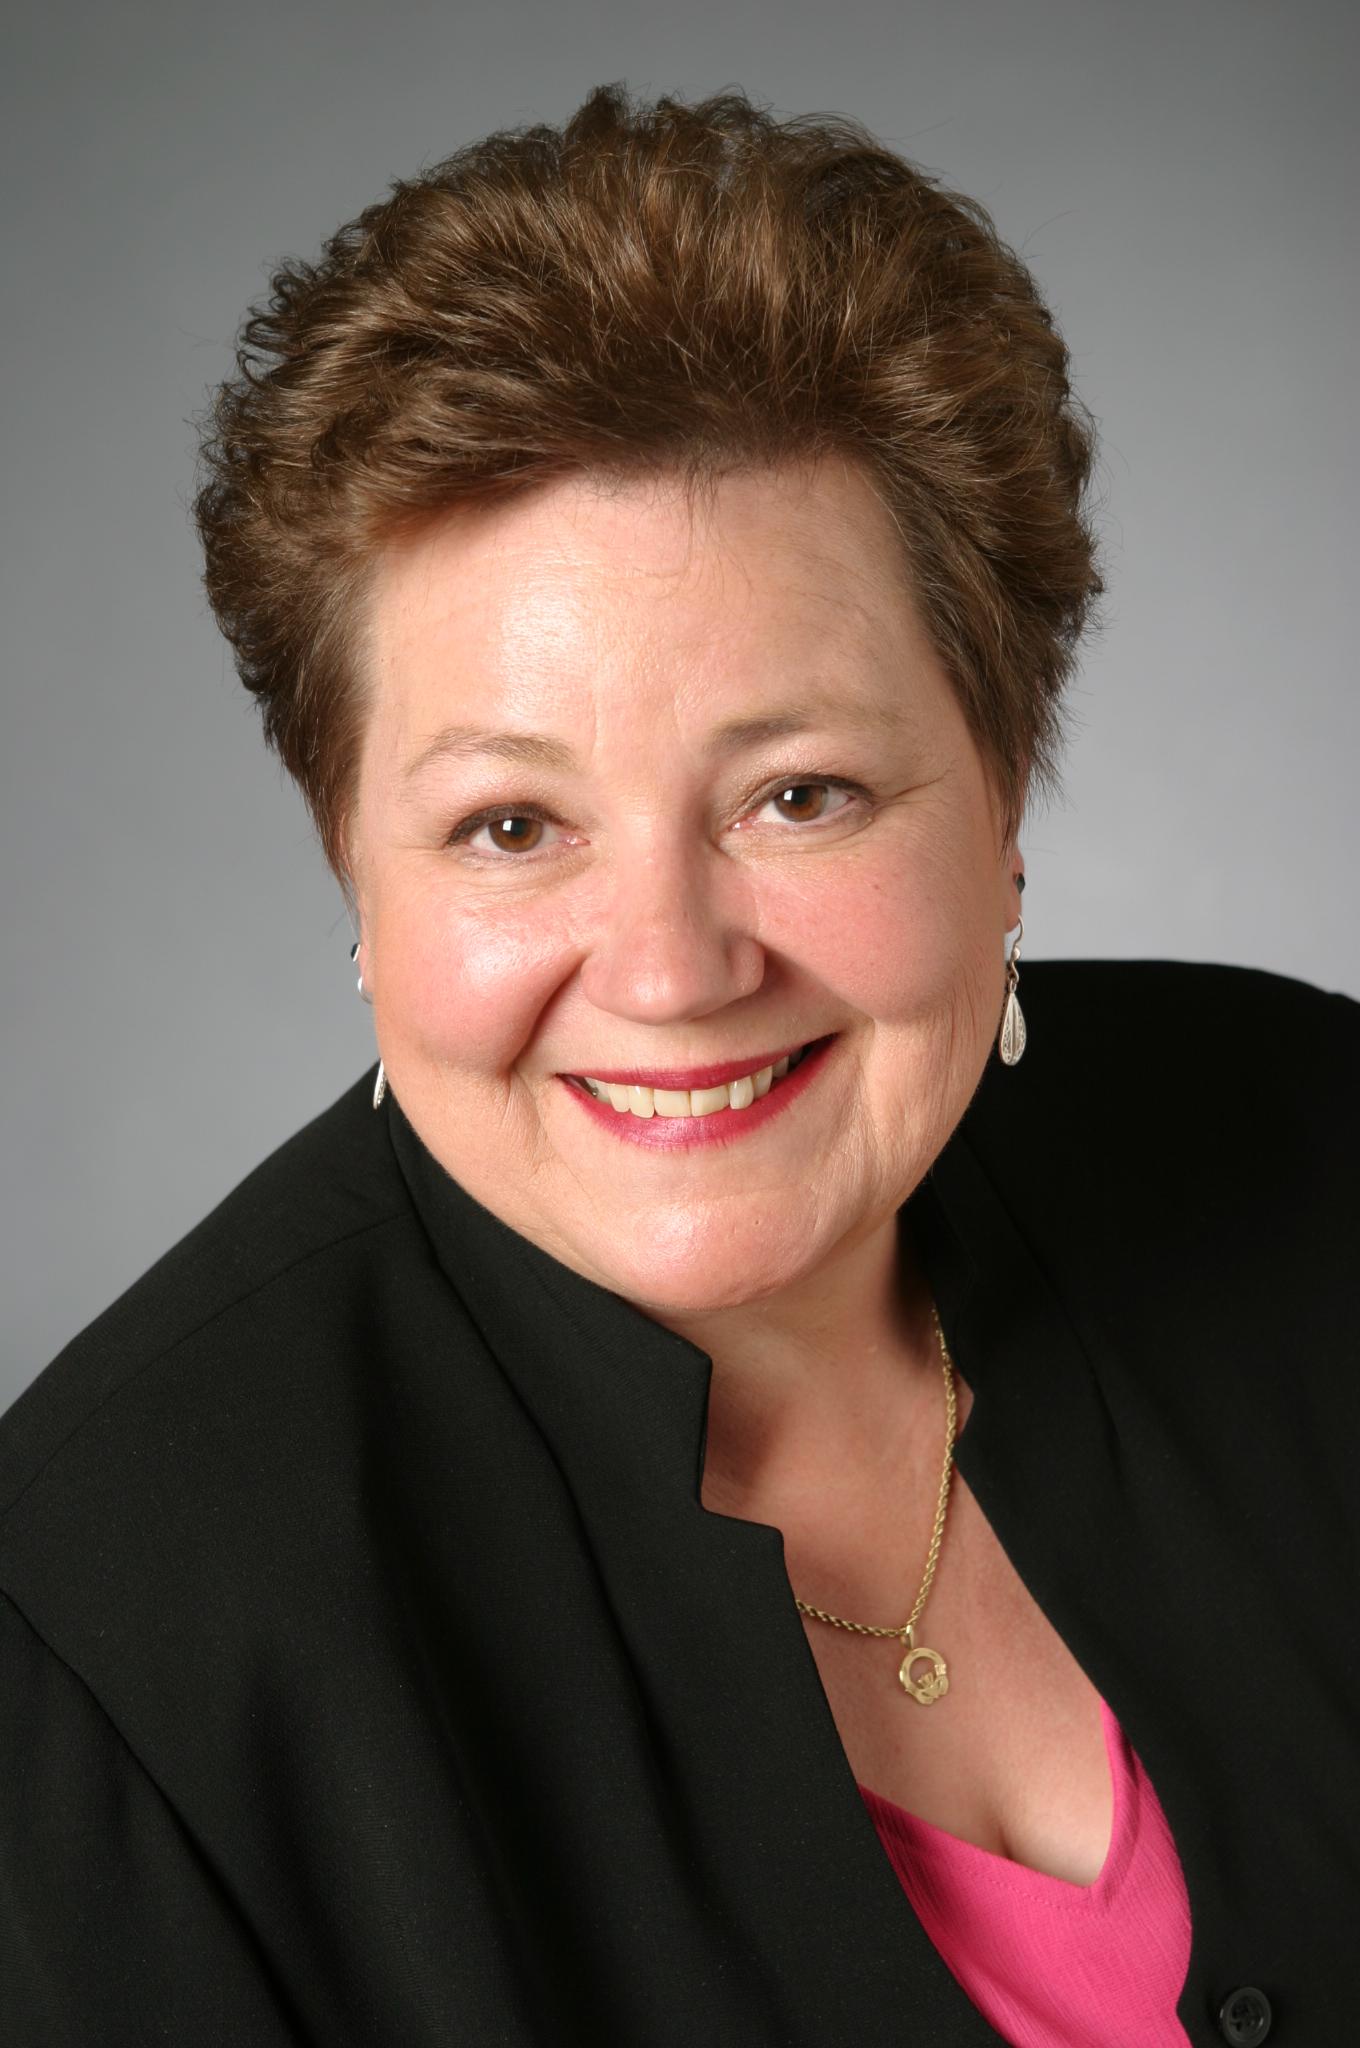 Kati Jacobs